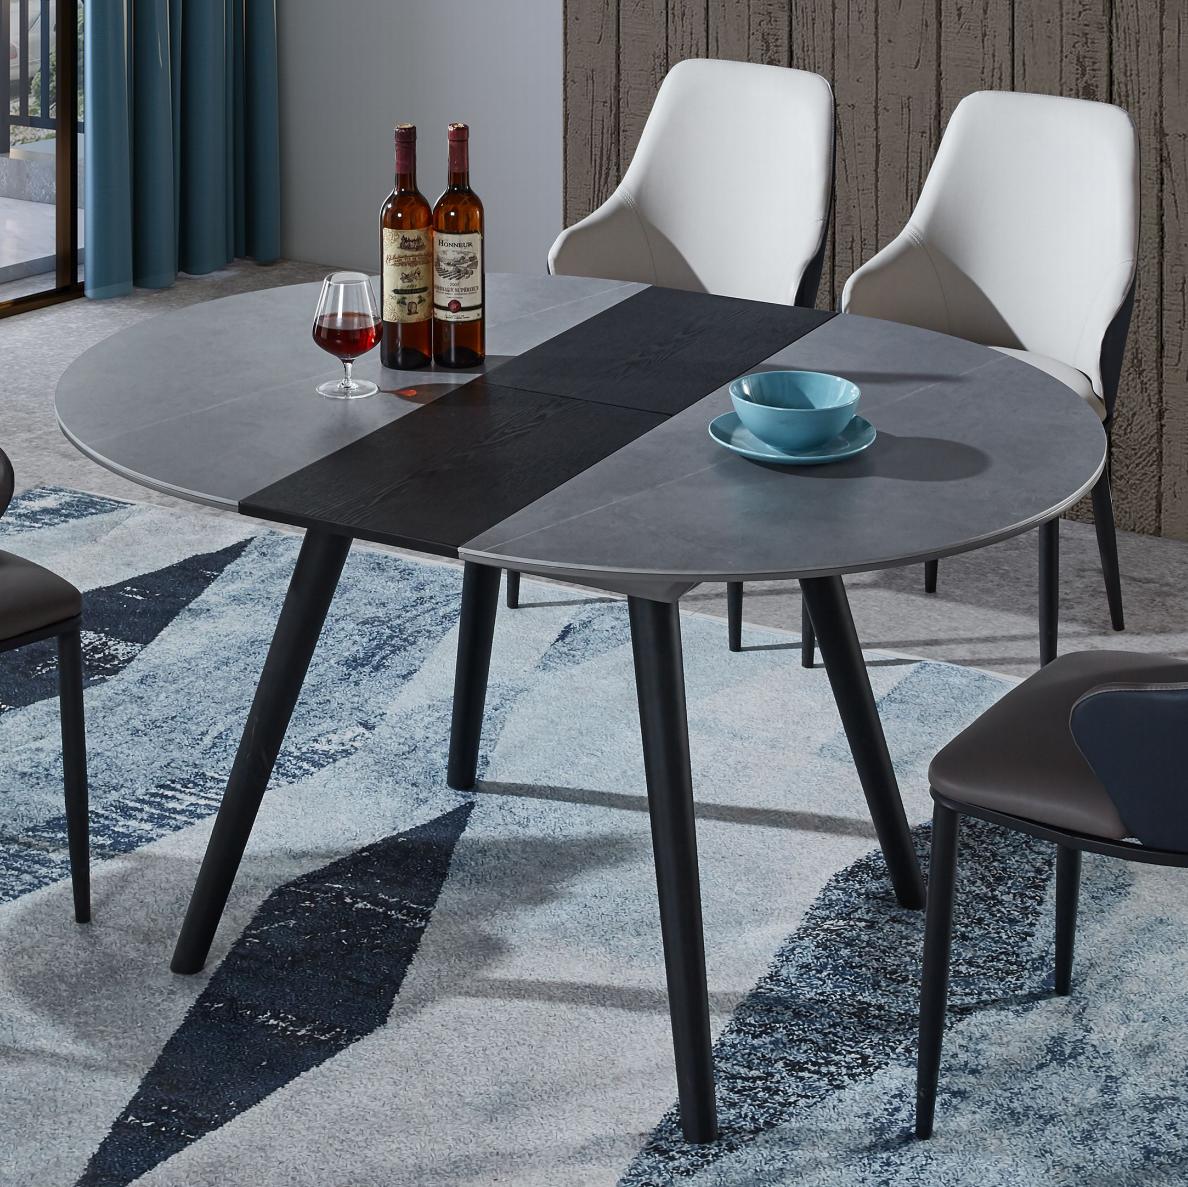 意式岩板伸缩餐桌简约现代小户型家用变形创意北欧椭圆餐台椅组合